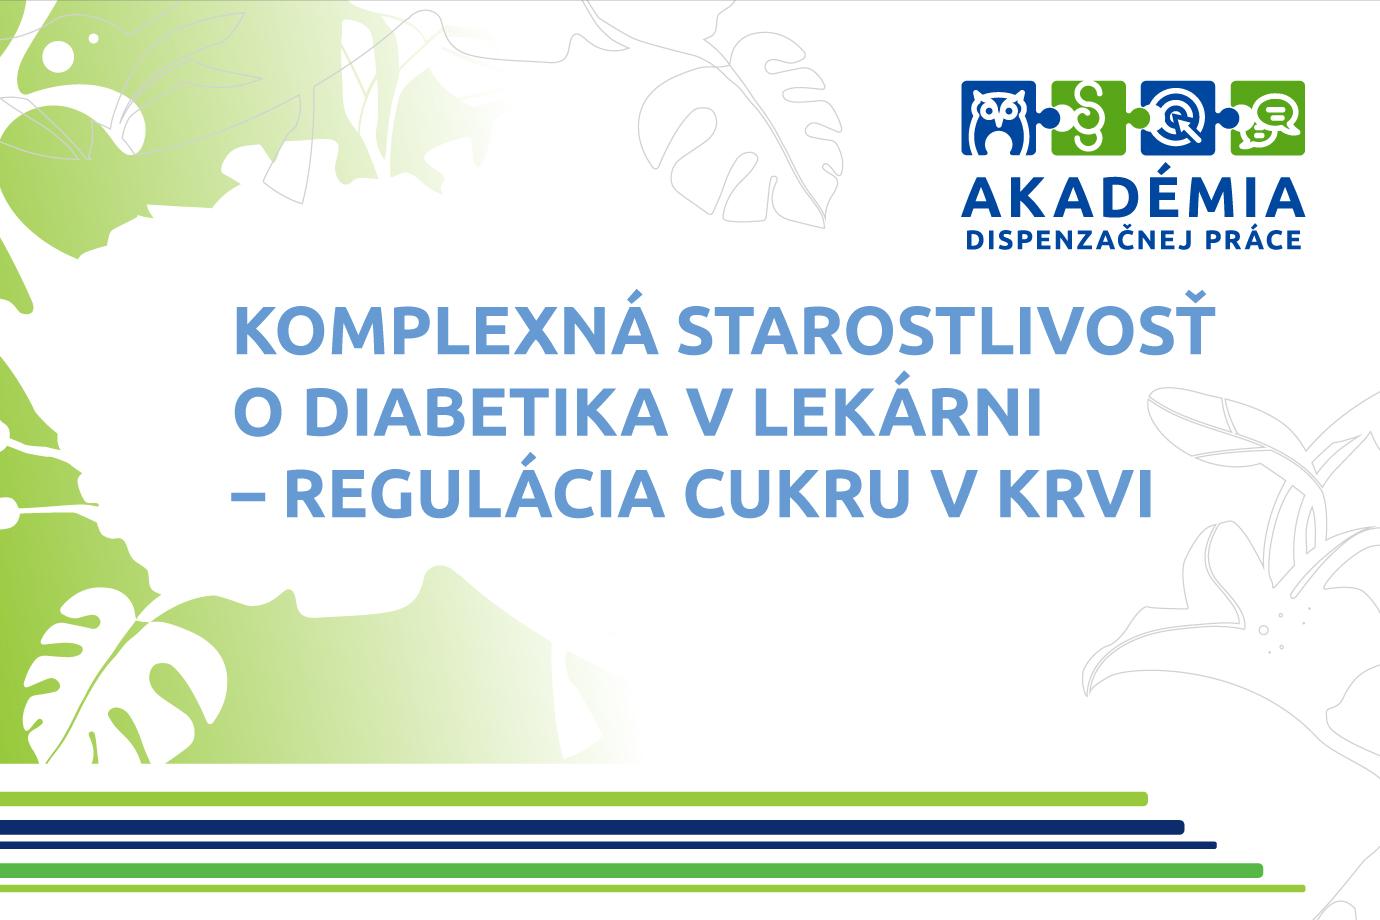 AKADÉMIA DISPENZAČNEJ PRÁCE – Komplexná starostlivosť o diabetika v lekárni – regulácia cukru v krvi